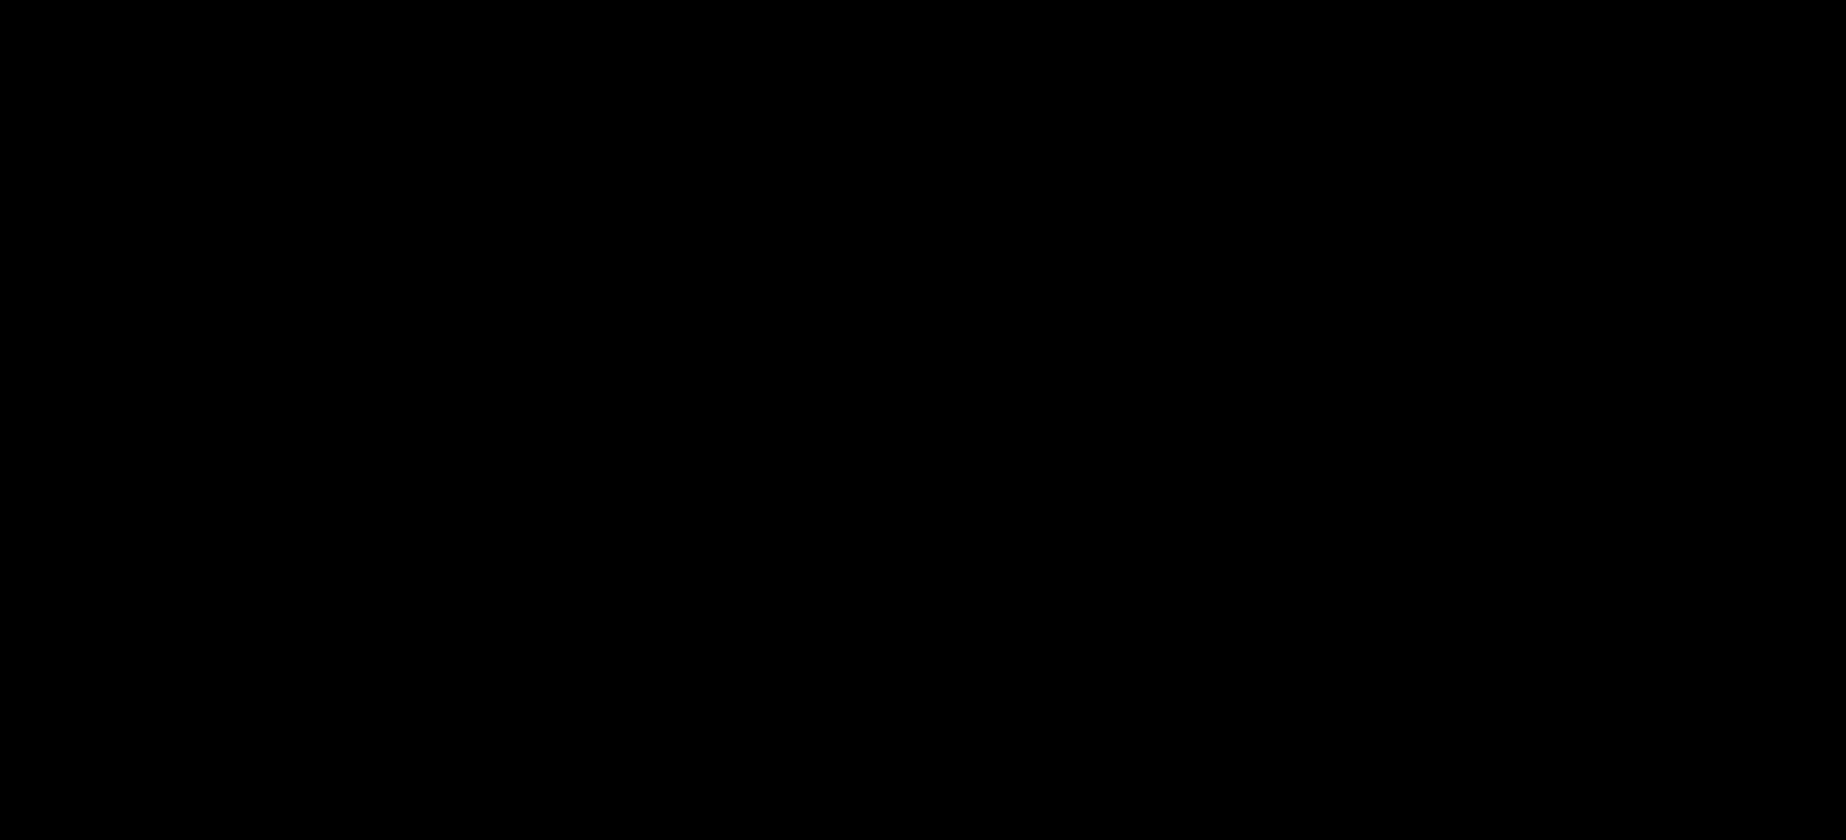 (R)-Crizotinib-d<sub>5</sub> (piperidine-2,2,4,6,6-d<sub>5</sub>)